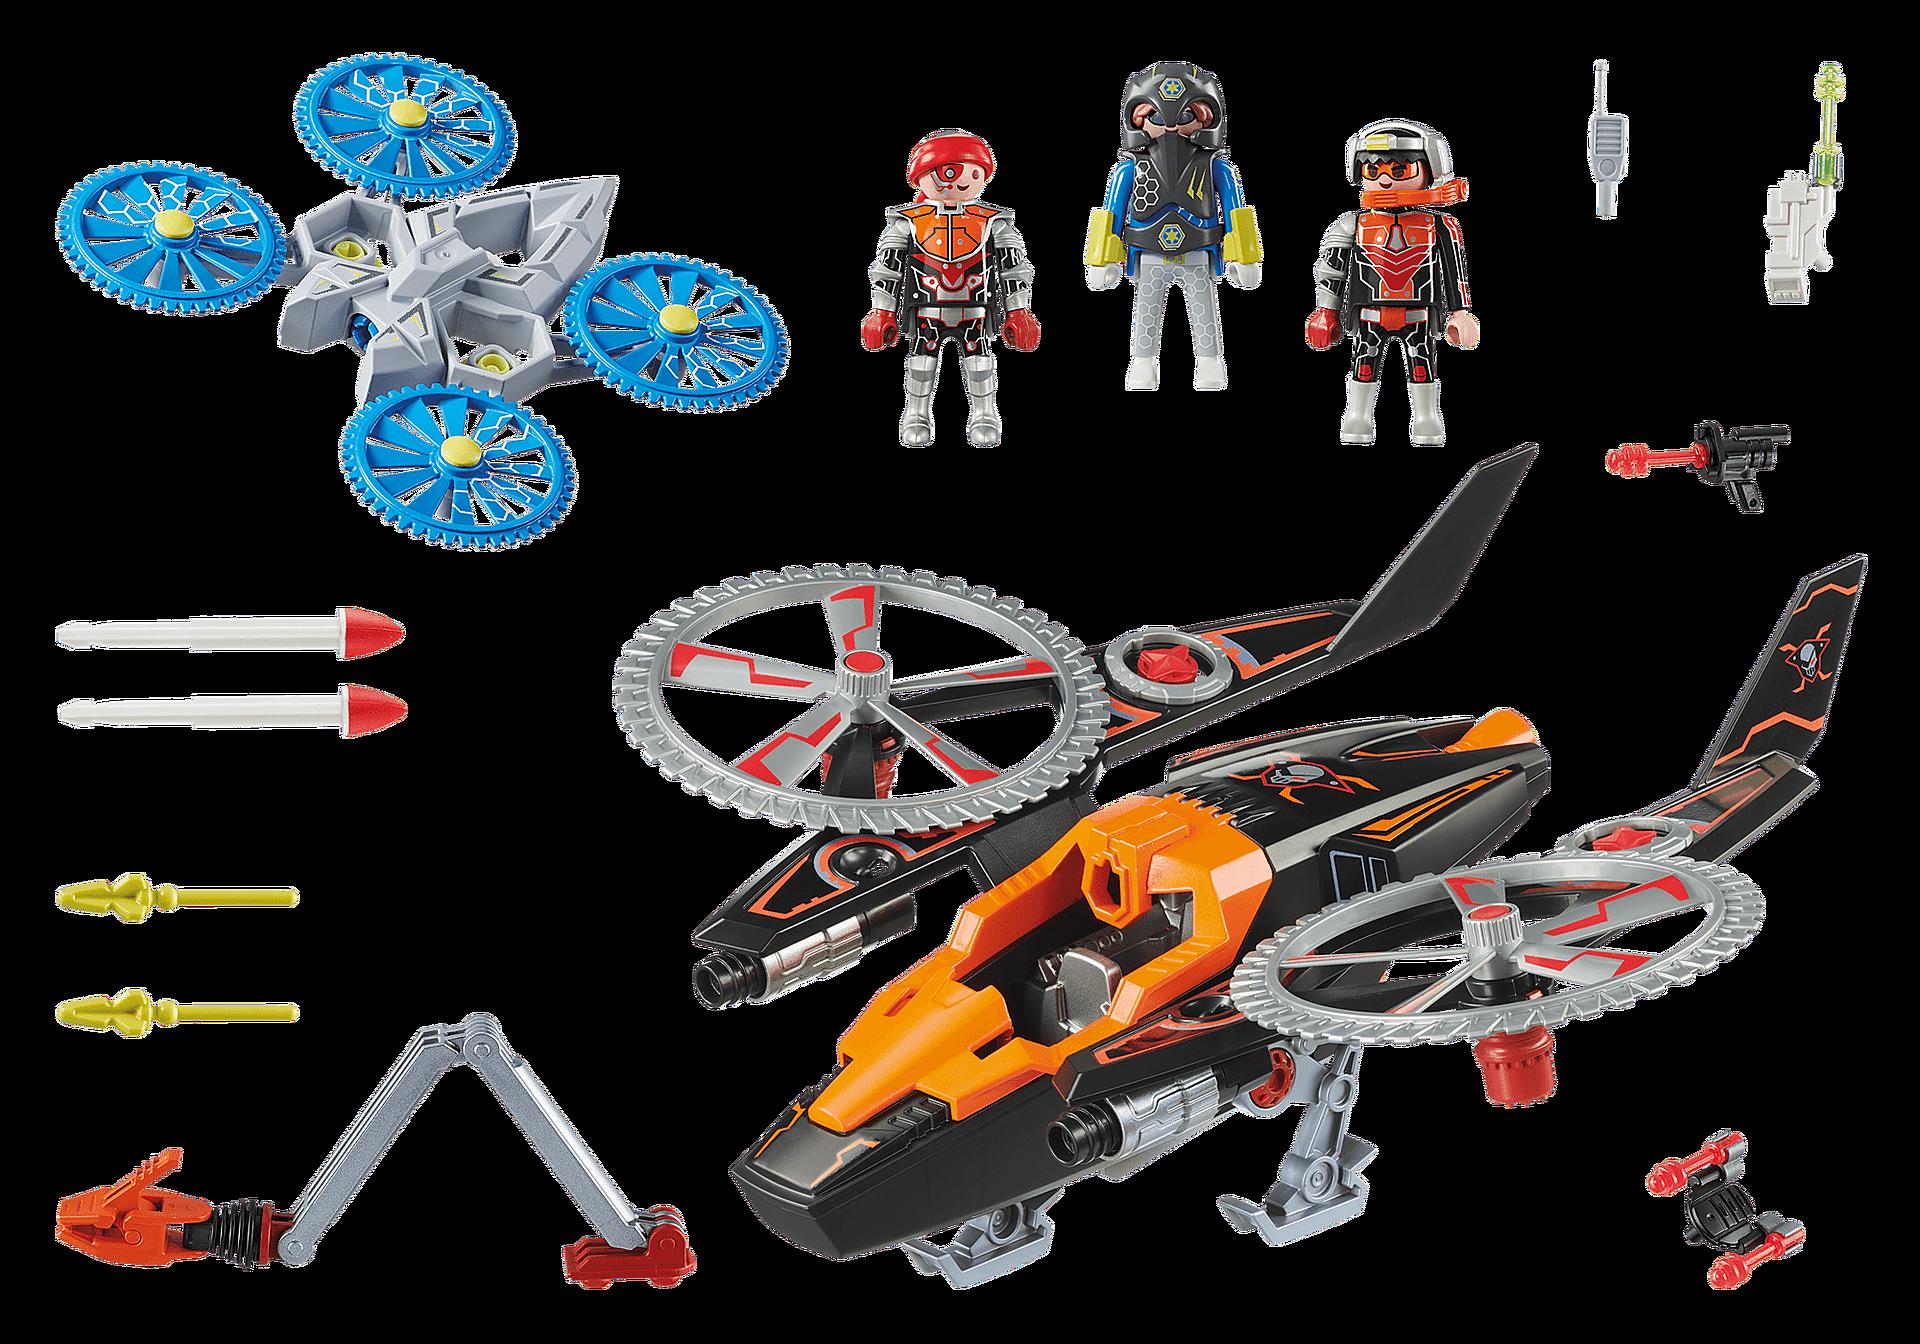 70023 Piratas Galácticos com Helicóptero zoom image3